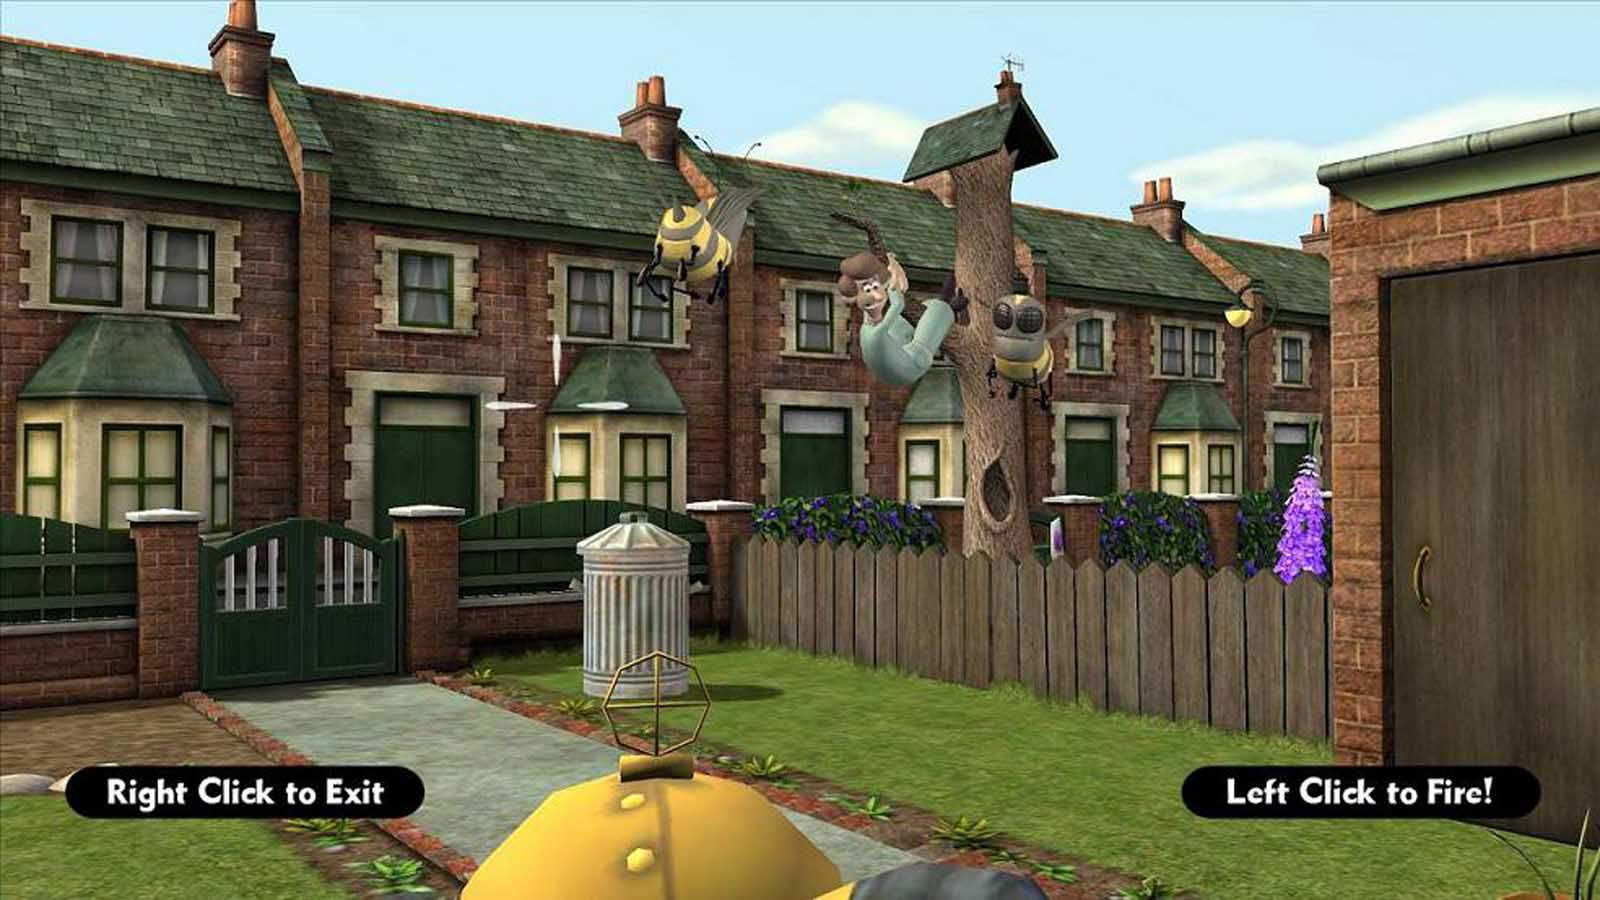 تحميل لعبة Wallace And Gromit Grand Adventures مضغوطة برابط واحد مباشر + تورنت كاملة مجانا